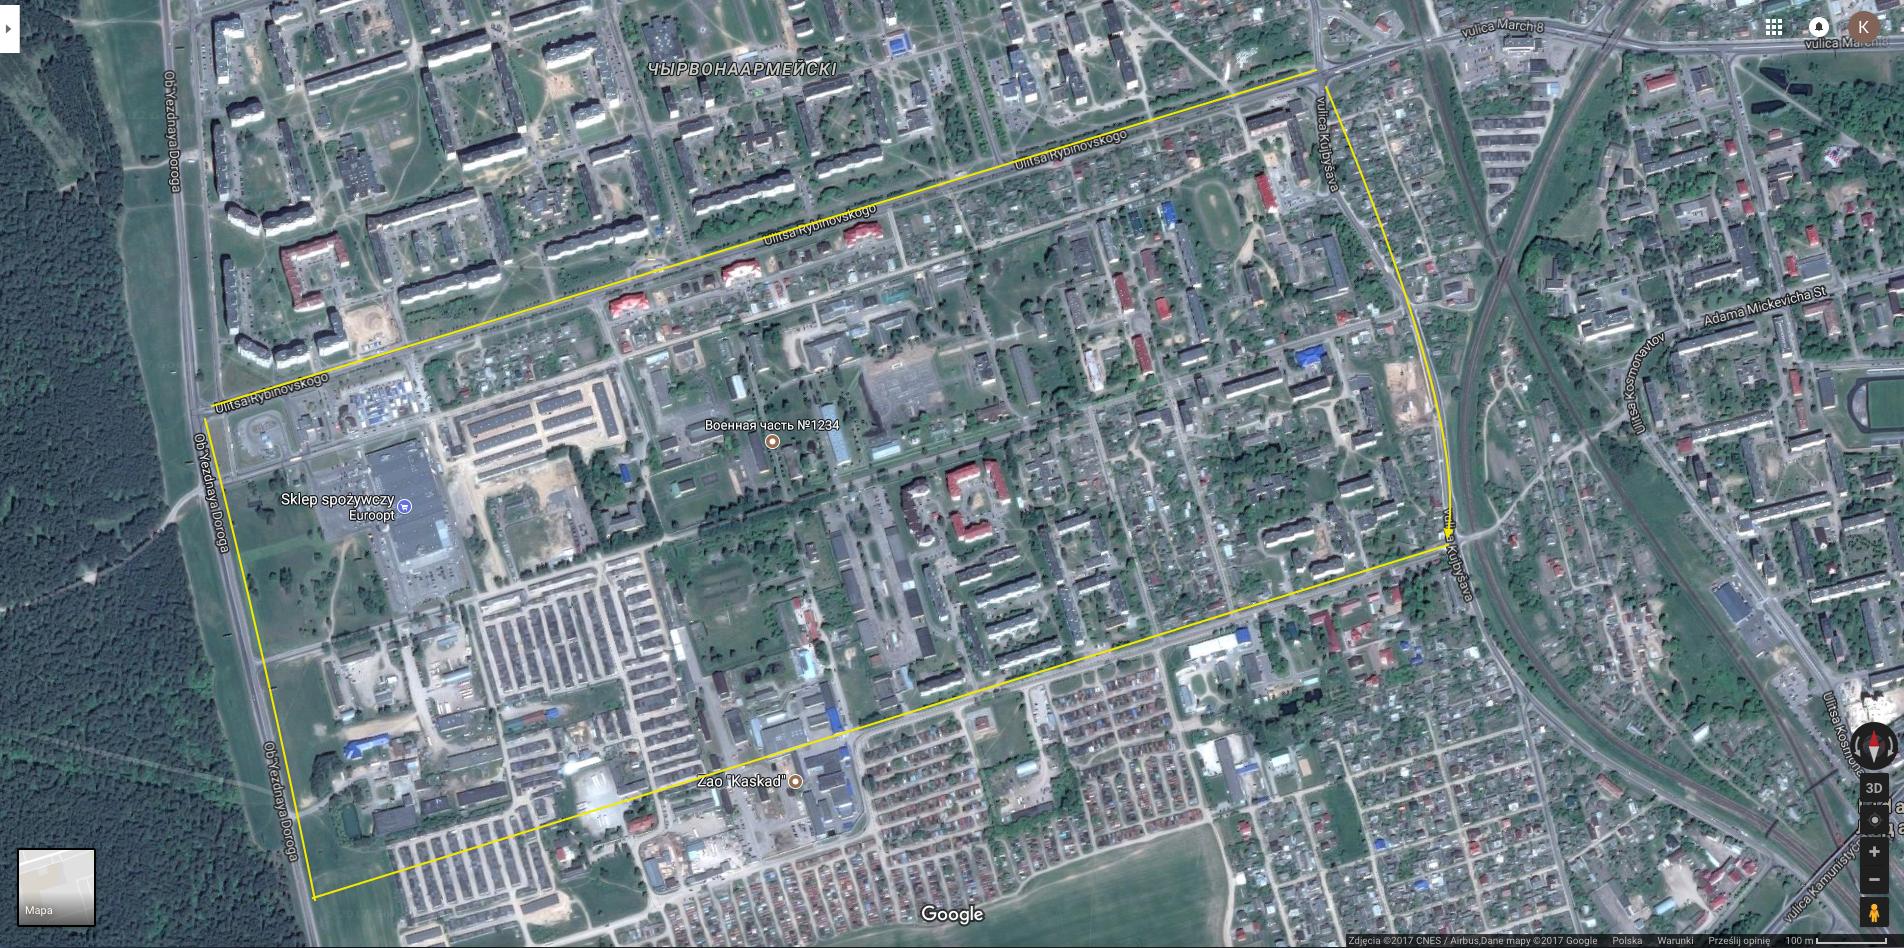 Dawny teren koszar w Lidzie. Za czasów II Rzeczypospolitej nosiły imię Marszałka Rydza Śmigłego. 2015r. Zdjęcie Google